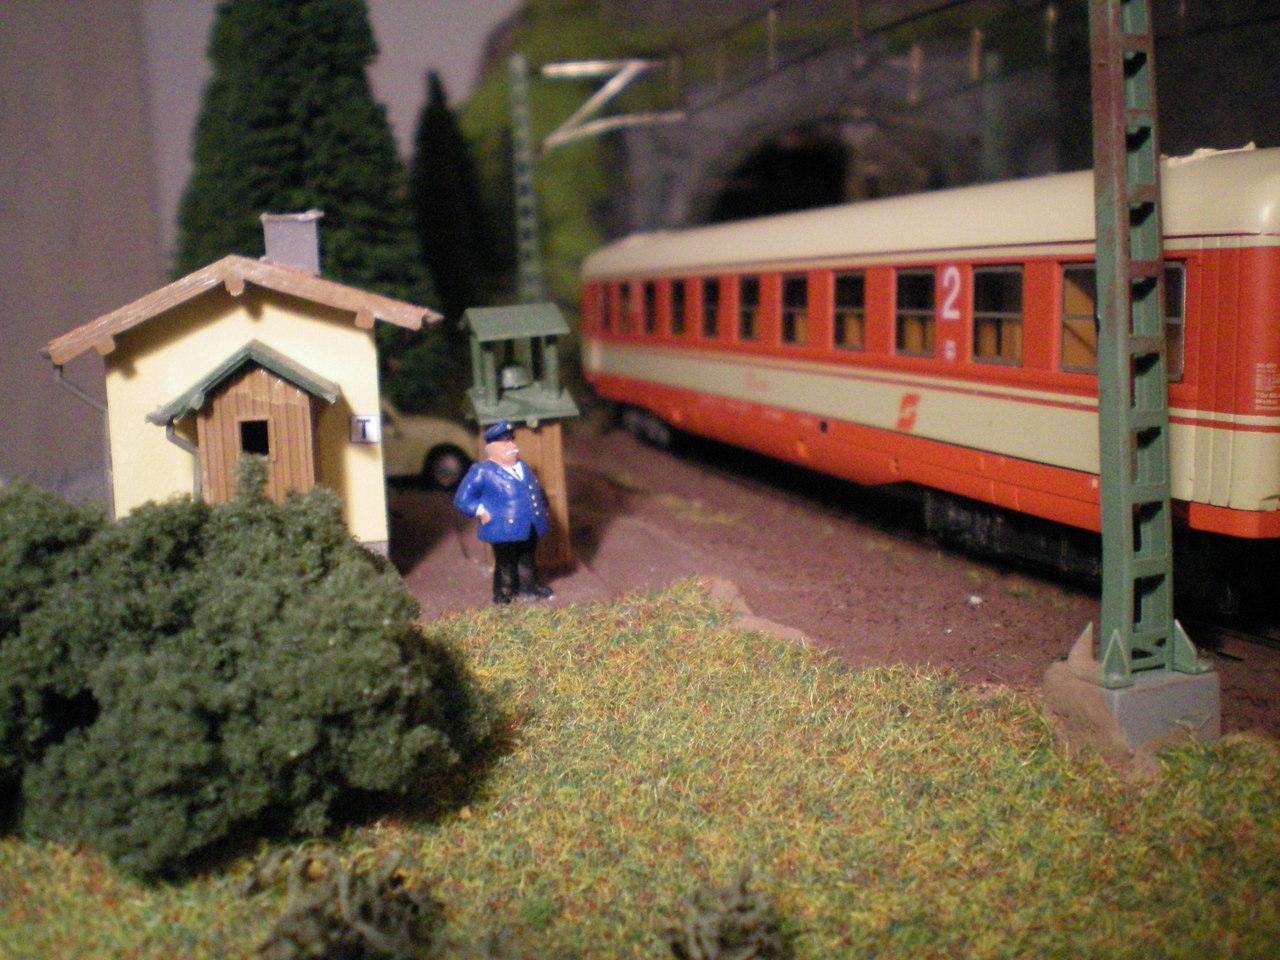 ÖBB Schnellzugwagen Bbzug001ipzk3